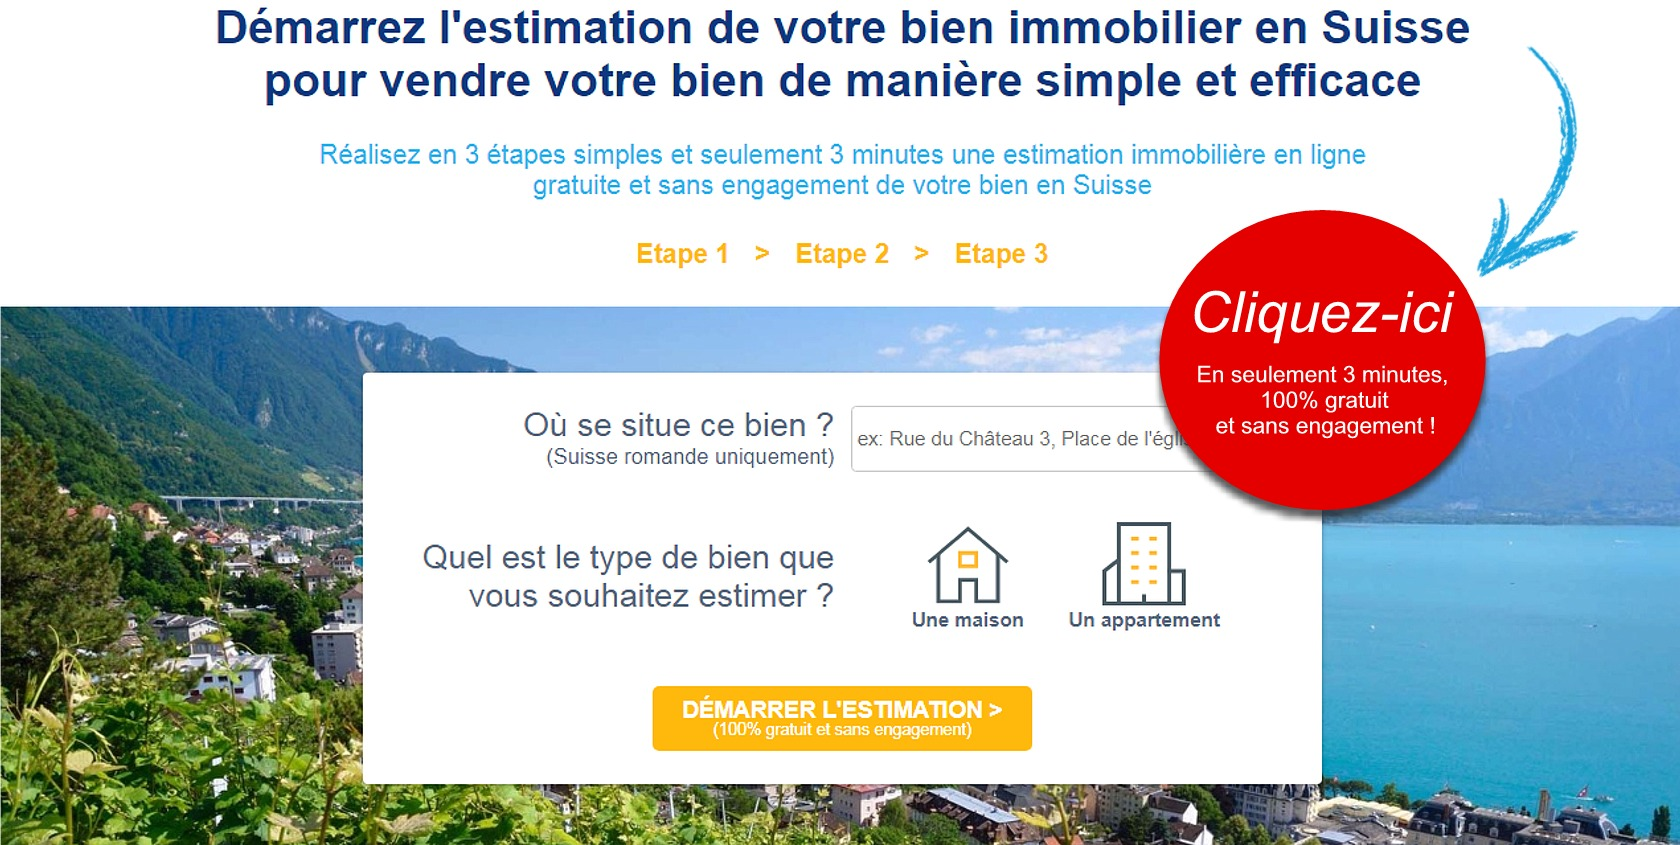 astuce vendre maison appartement vite rapidement suisse